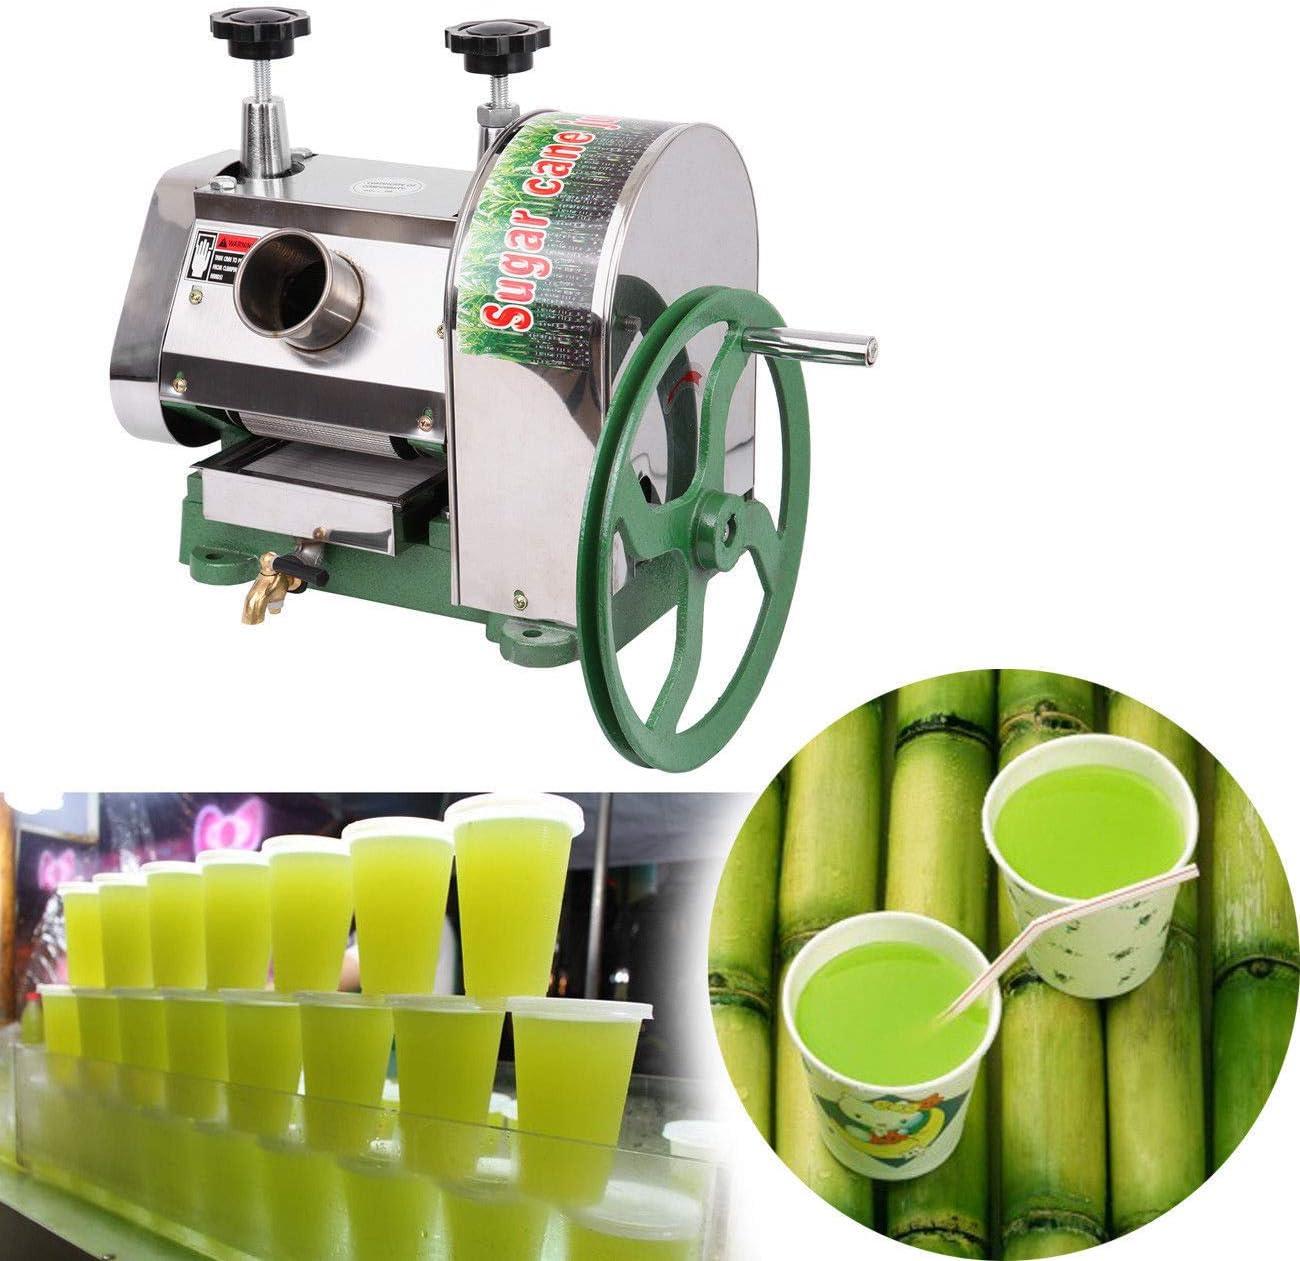 Sugarcane Juicer Sugar Cane Grind Press Machine Cast Iron Squeezer Juice Machine